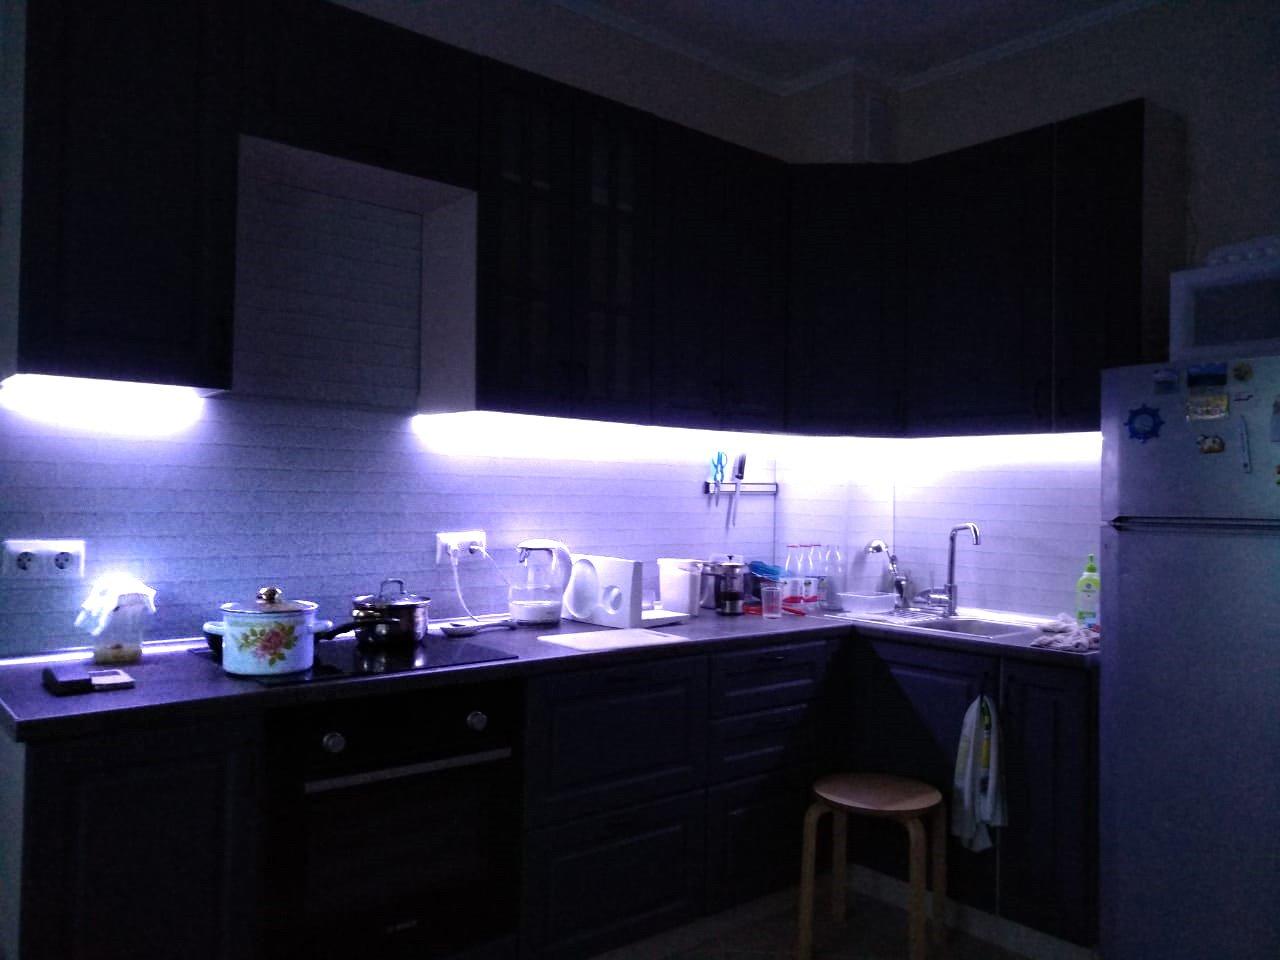 Подсветка угловой кухни с разрывом с пультом отзыв iqlux Андрей 21_04_20 фото